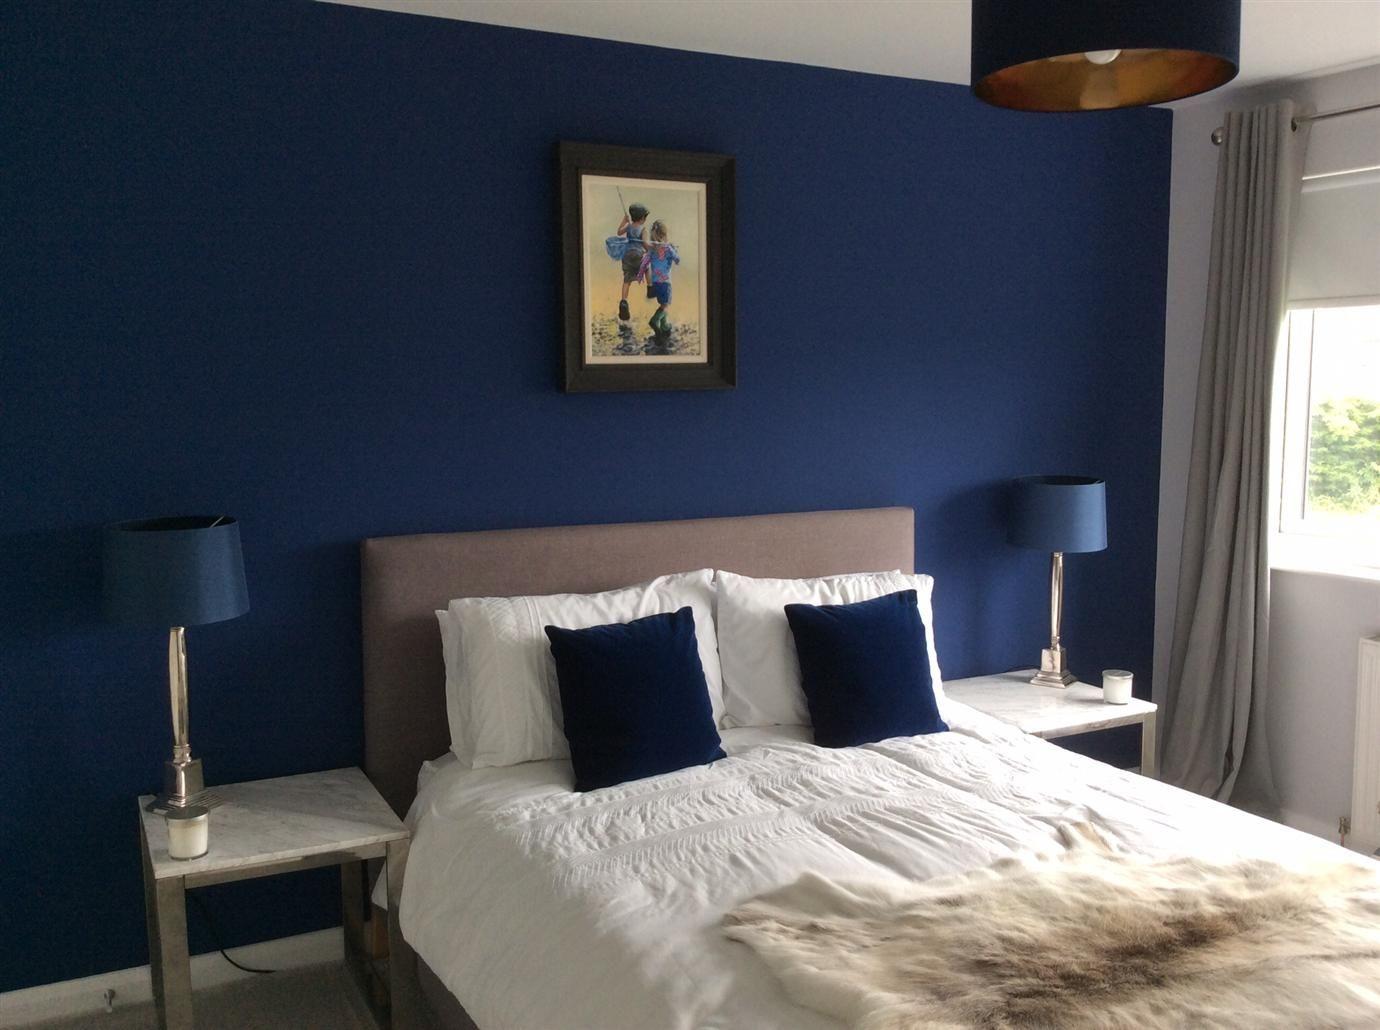 afficher l 39 image d 39 origine chambre alexis chambre bleu chambres parentales et id e d co. Black Bedroom Furniture Sets. Home Design Ideas